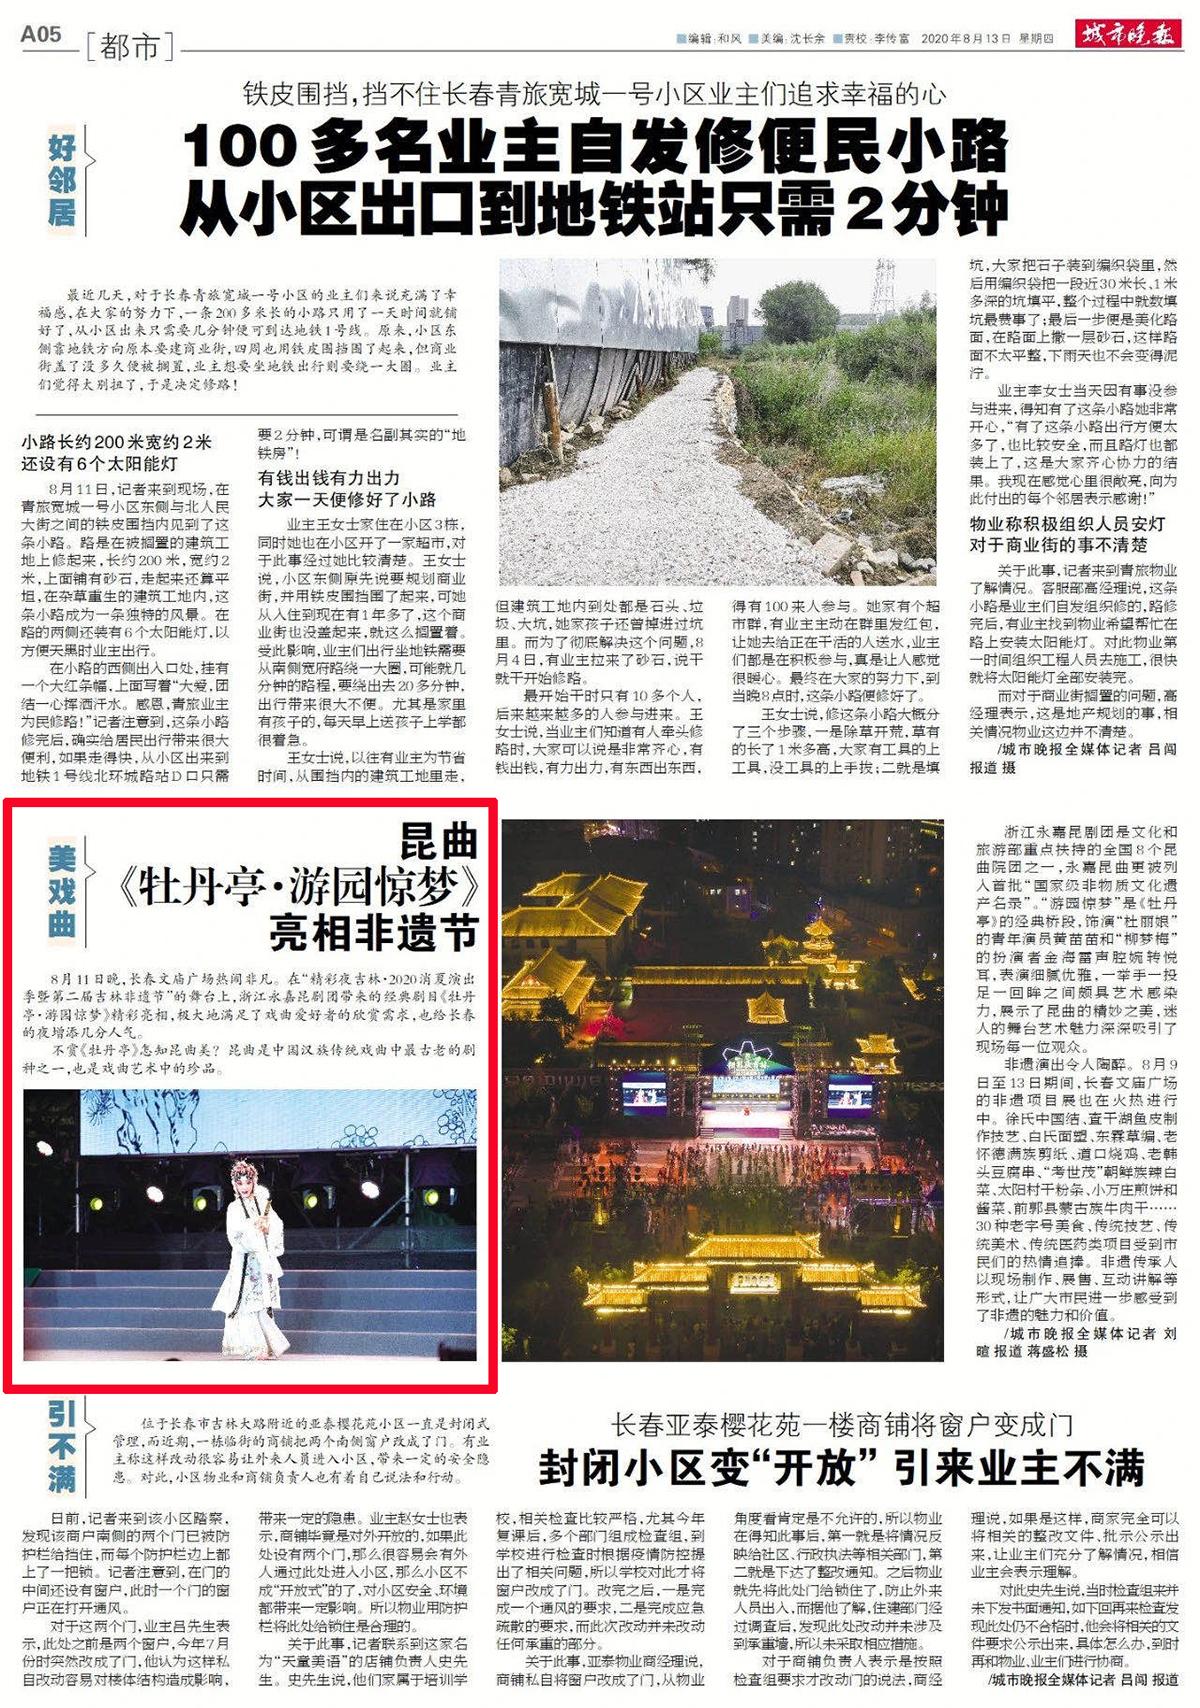 8月13日 城市晚报 昆曲《牡丹亭·游园惊梦》亮相非遗节